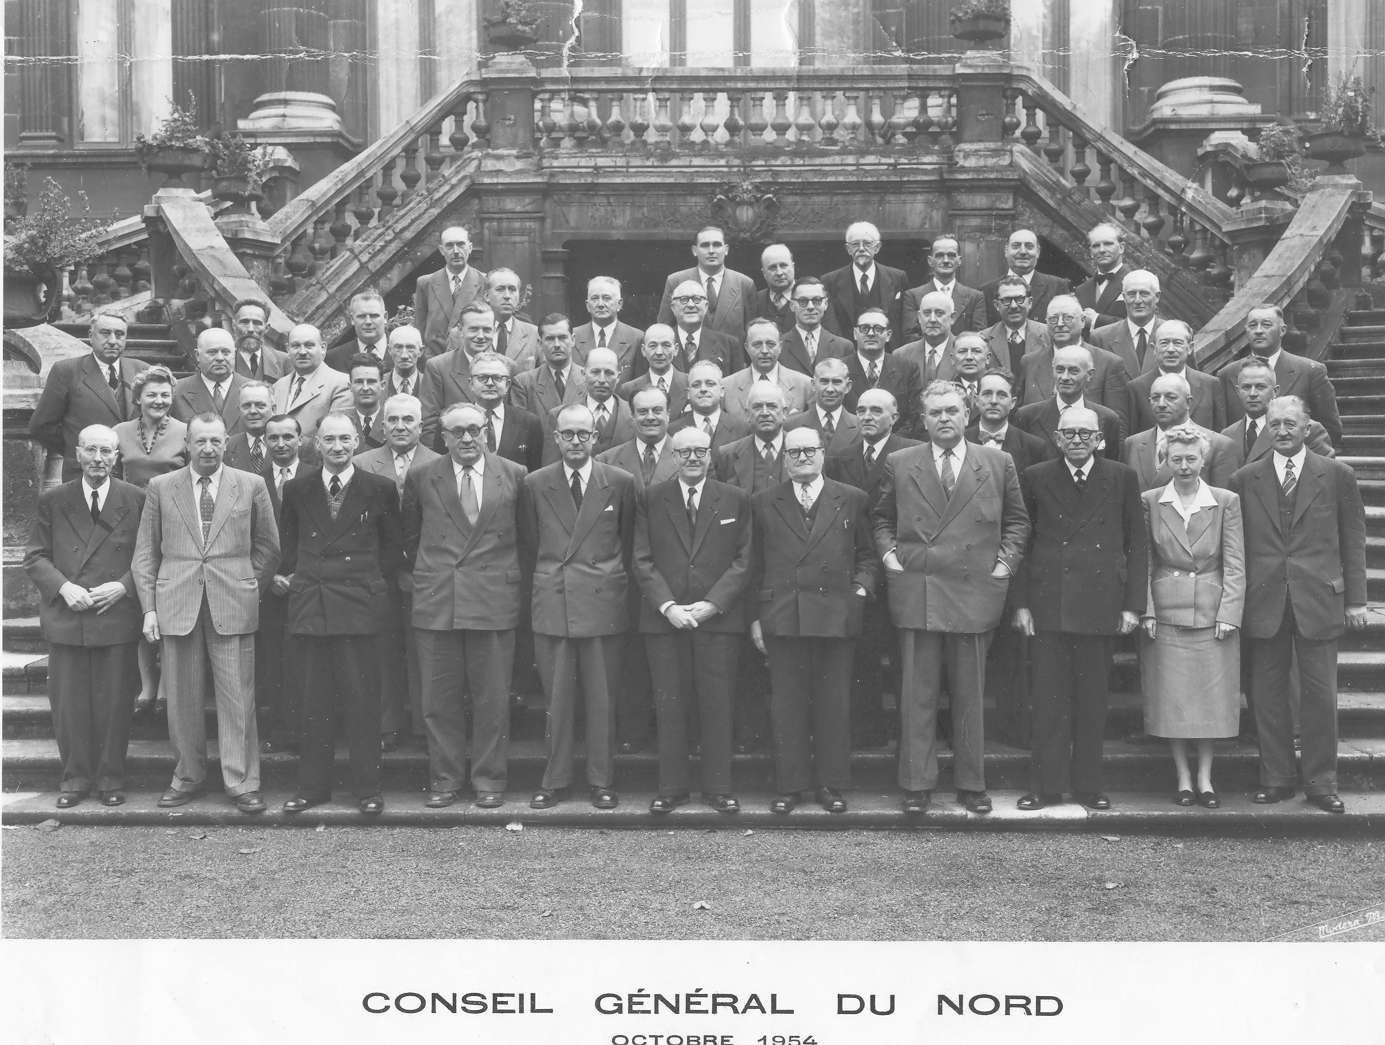 conseillers généraux du nord